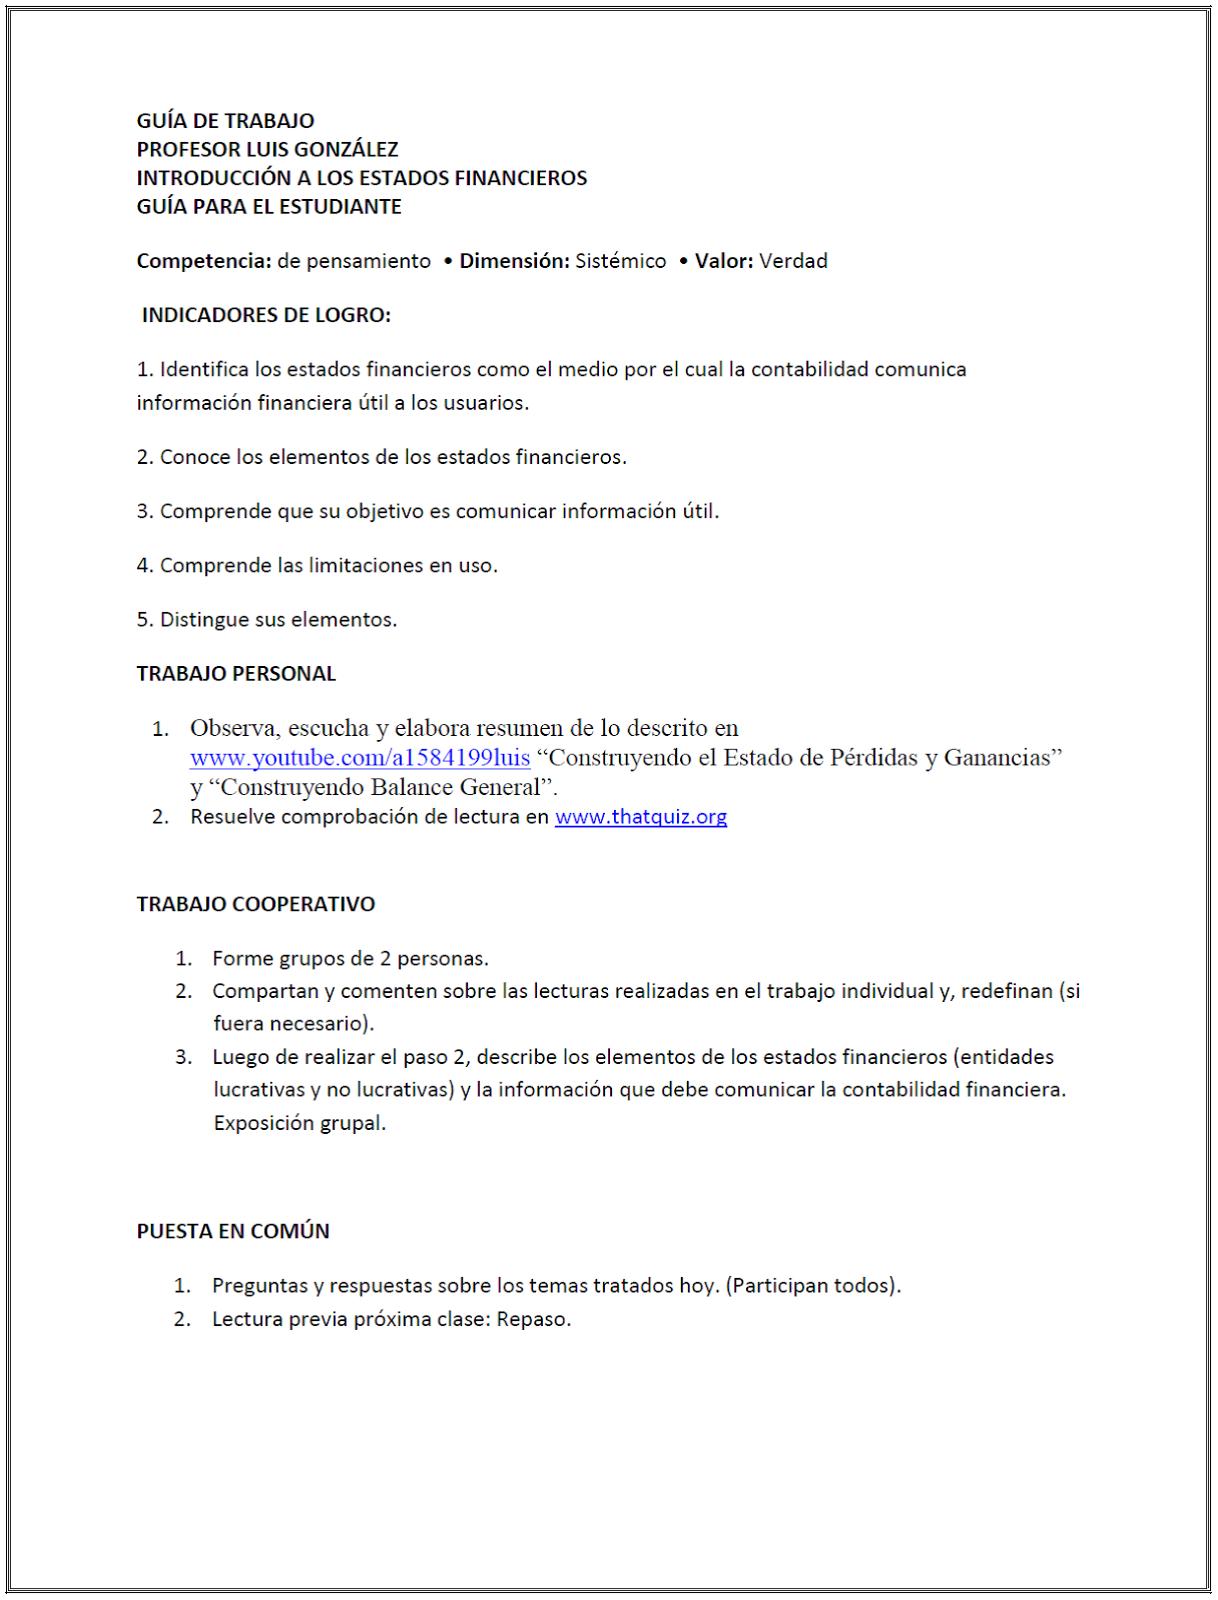 Luis González: Guía de trabajo 6, Contabilidad.